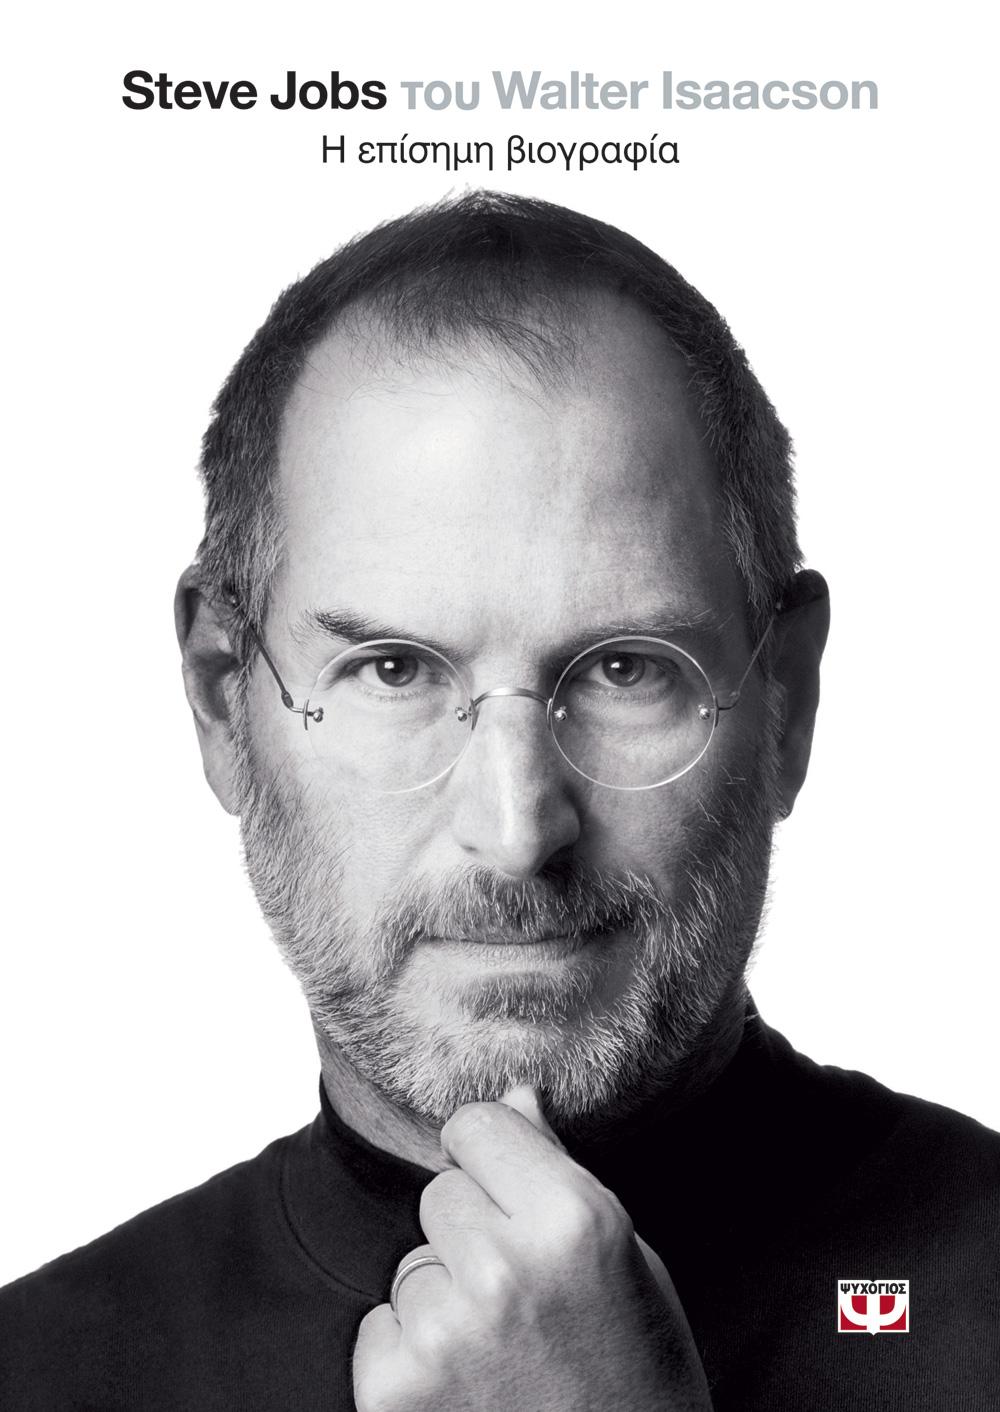 Steve Jobs bibliopoleio biblia poikila uemata